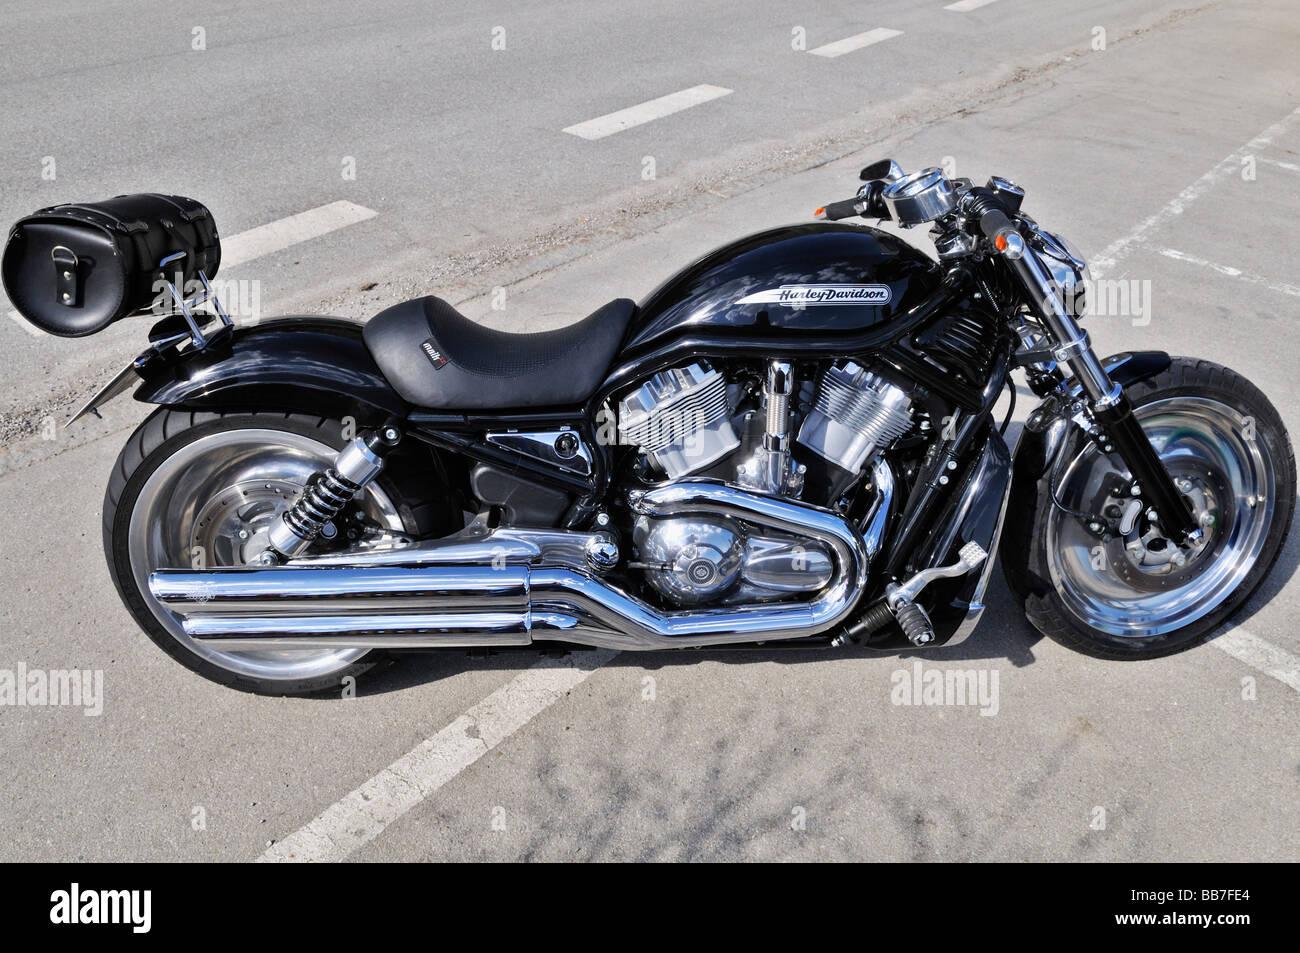 harley davidson motorcycle stockfotos harley davidson. Black Bedroom Furniture Sets. Home Design Ideas